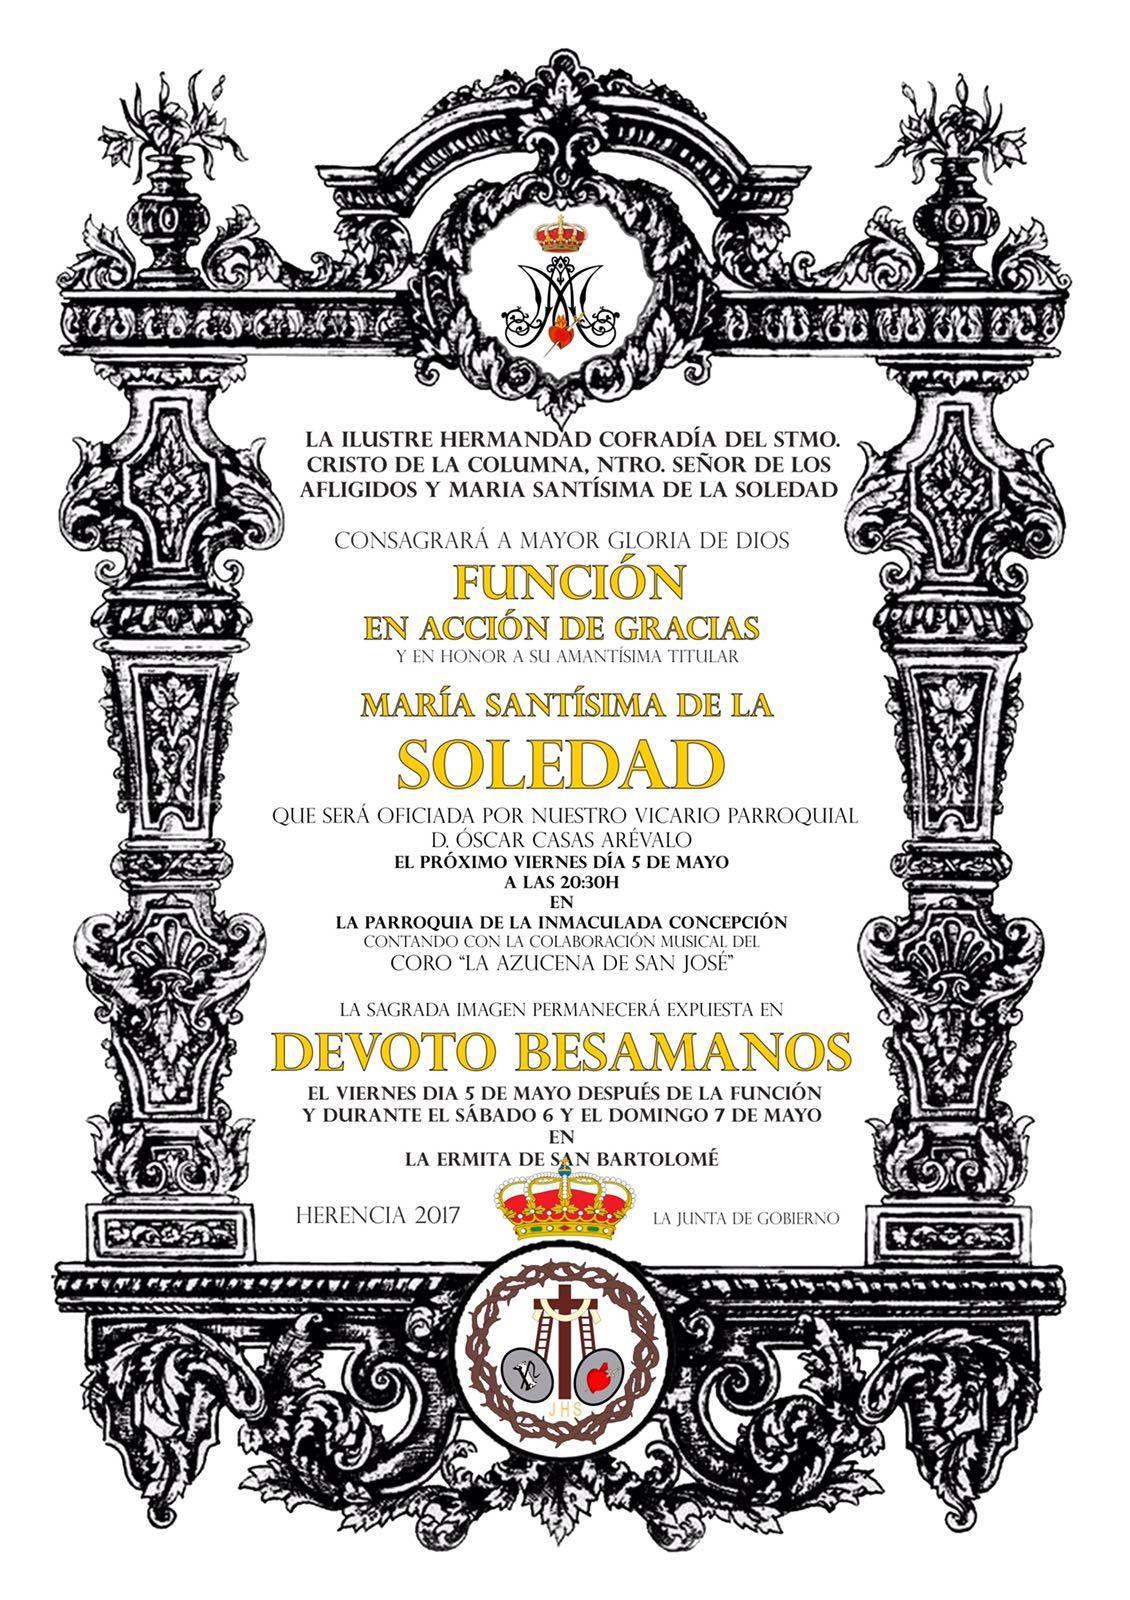 Devoto Besamanos - Función de Acción de Gracias y besamanos, en honor a  María Santísima de la Soledad